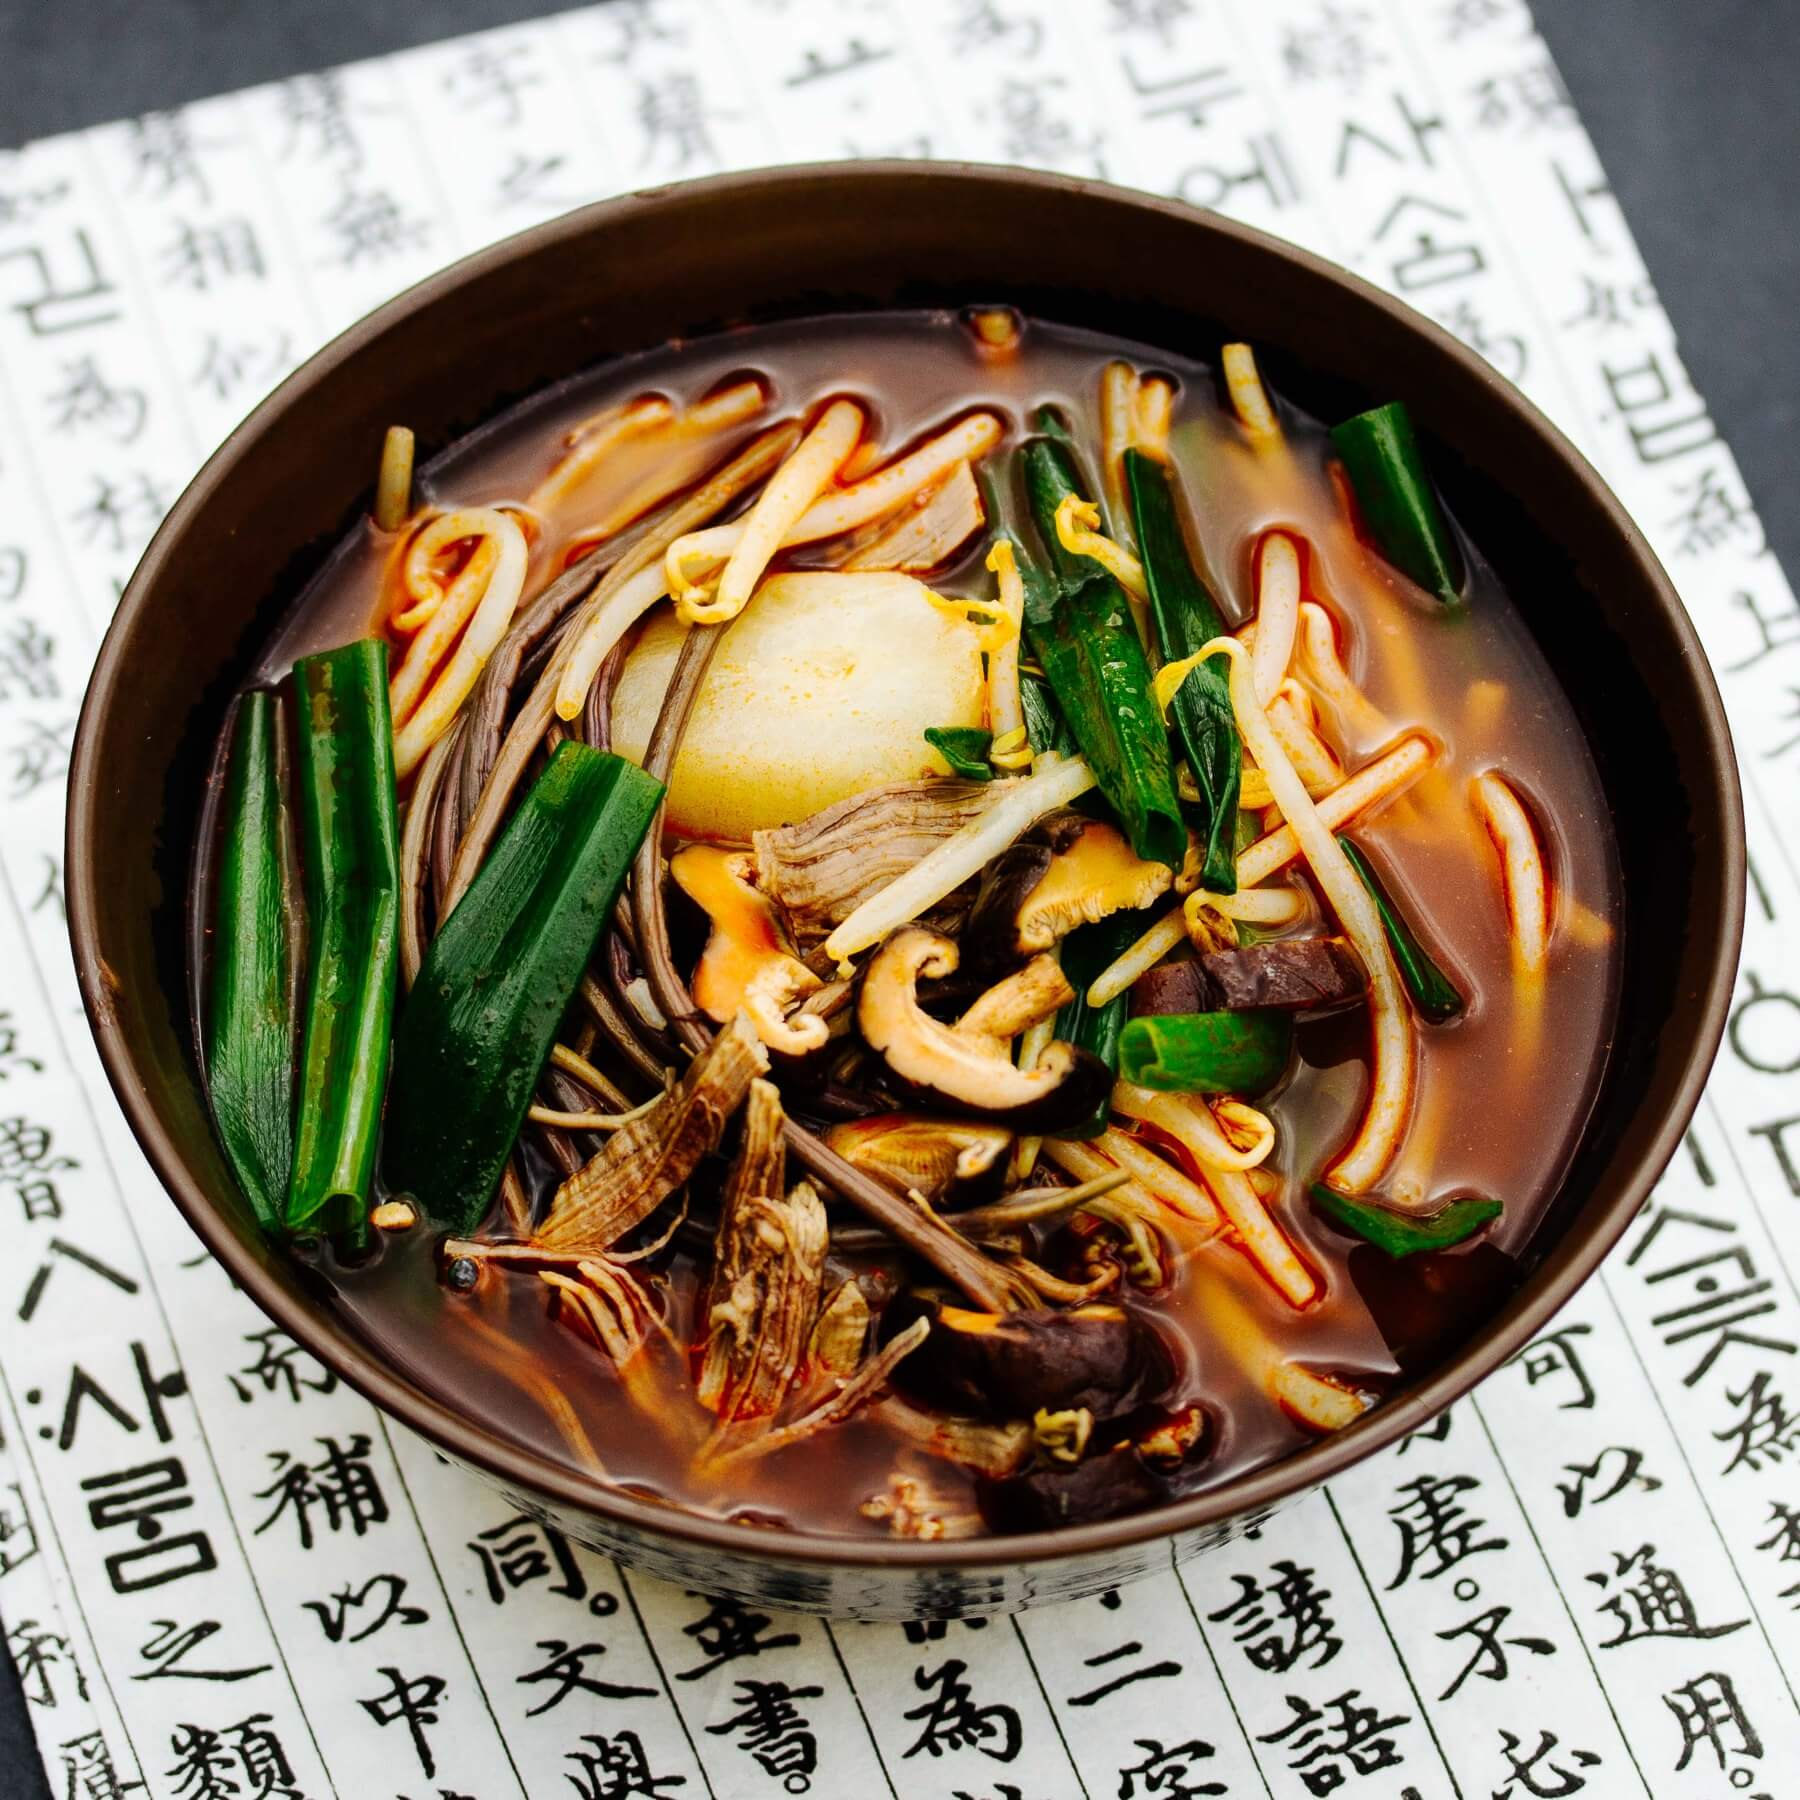 Scharfe Gemüsesuppe mit Rindfleisch aus Korea - Yukgaejang